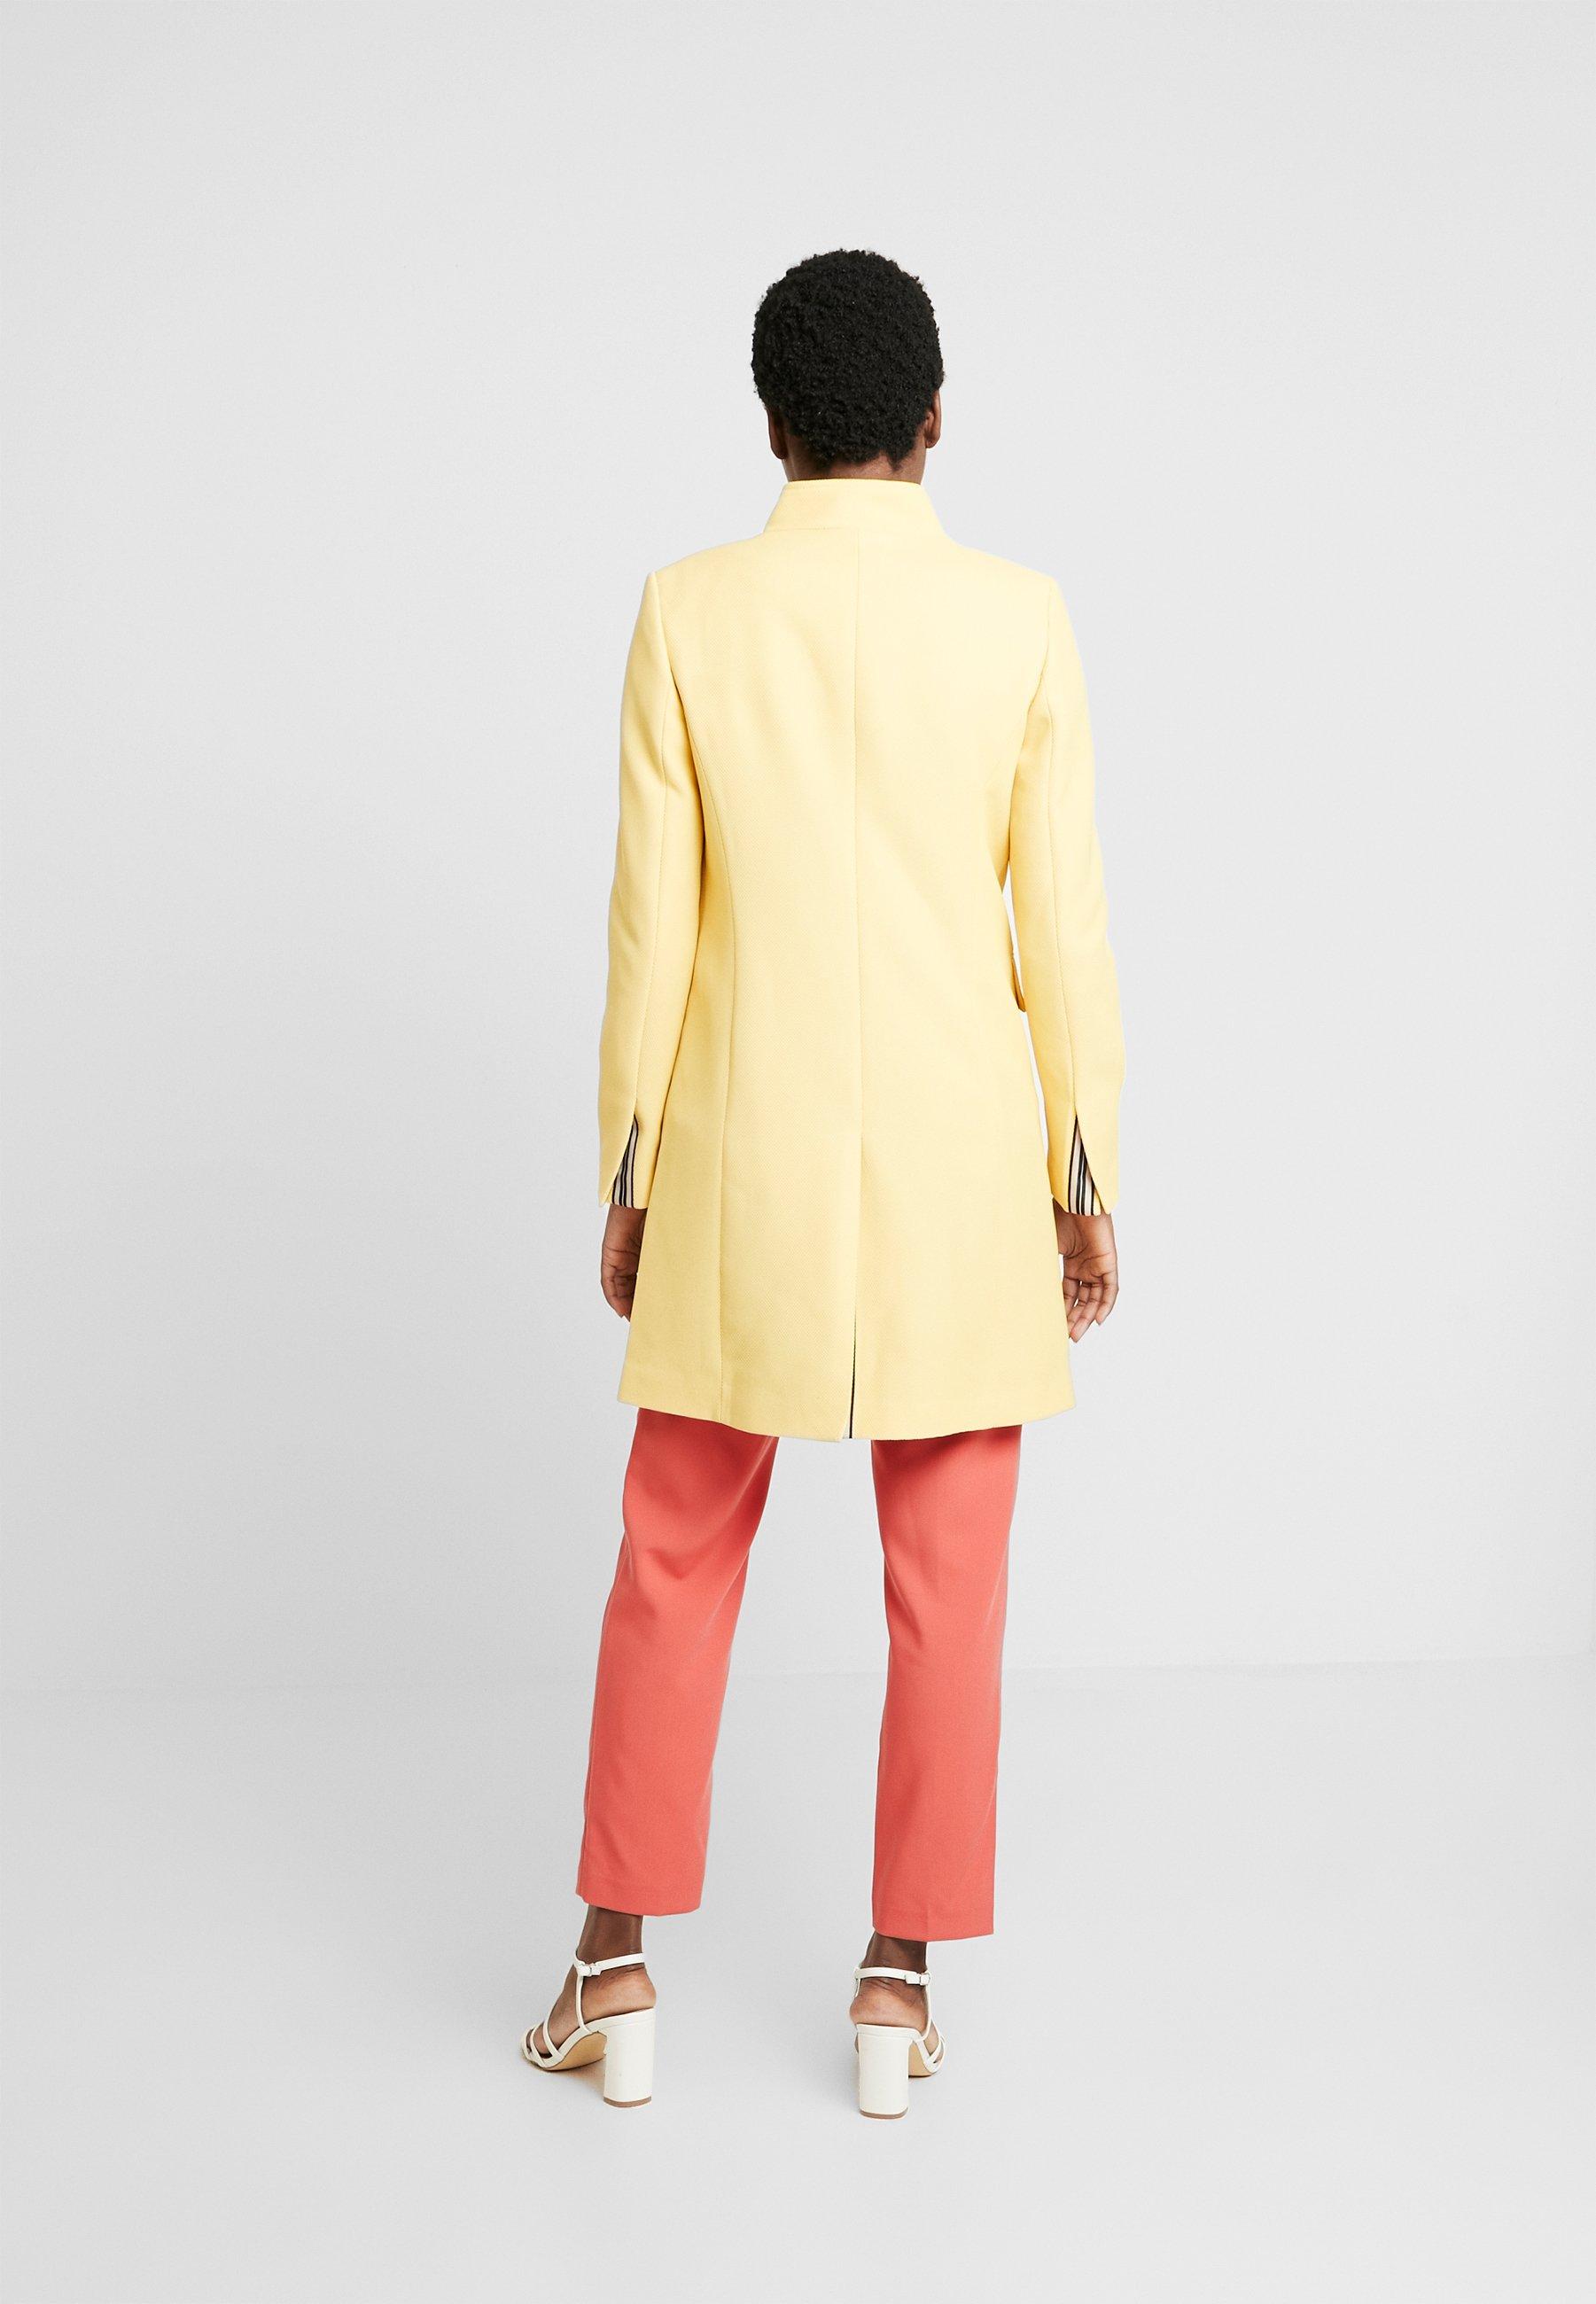 Esprit PIQUET - Manteau court - yellow - Manteaux Femme lCJii